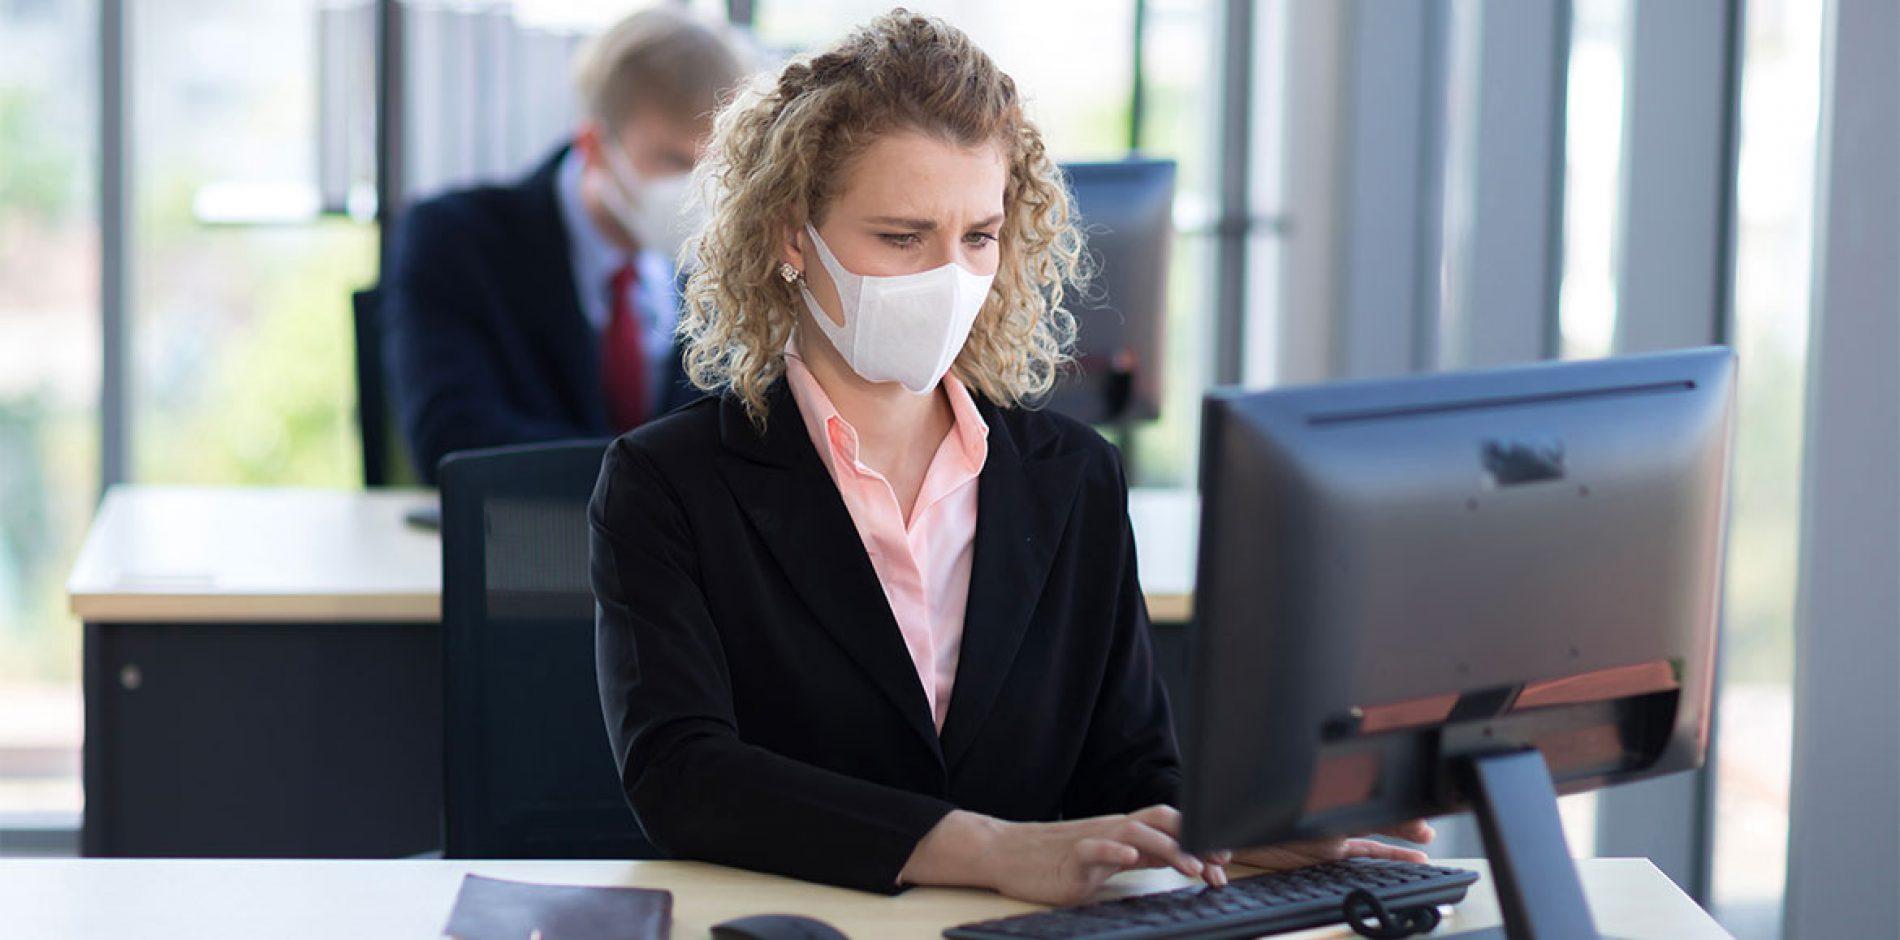 Coronavirus e lavoro – I primi provvedimenti urgenti del governo [E. Massi]